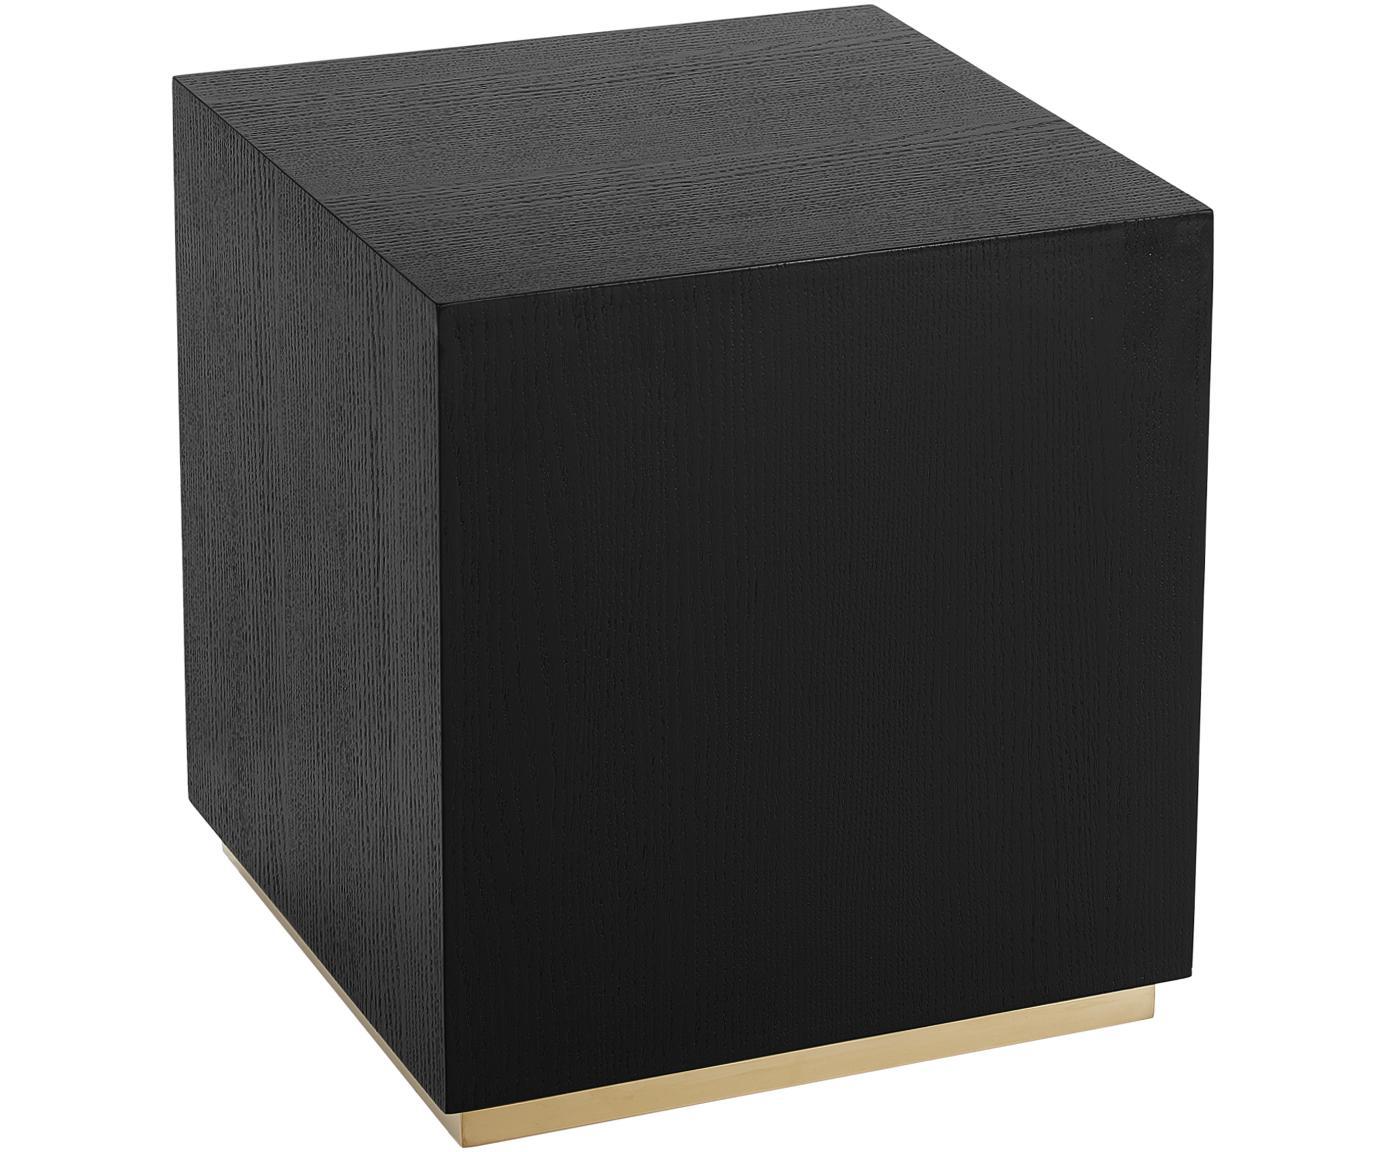 Beistelltisch Clarice in Schwarz, Korpus: Mitteldichte Holzfaserpla, Fuß: Metall, beschichtet, Schwarz, 45 x 50 cm